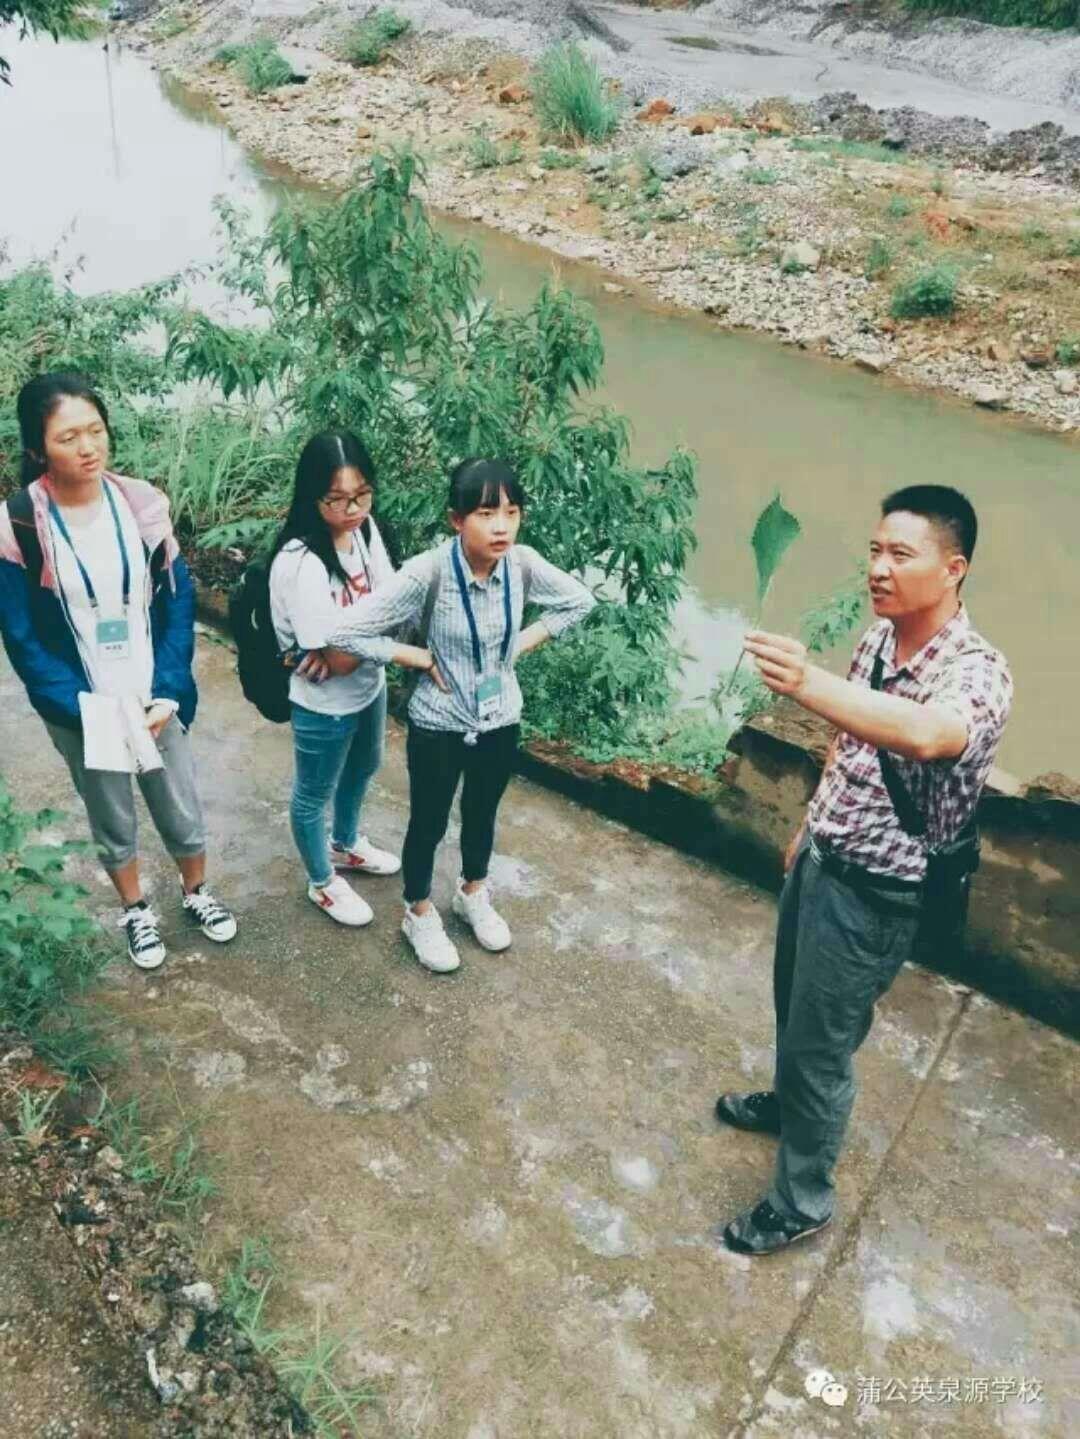 蒲公英泉源学校招生   好的教育可以让我们踏入生活之河,毫无惧色